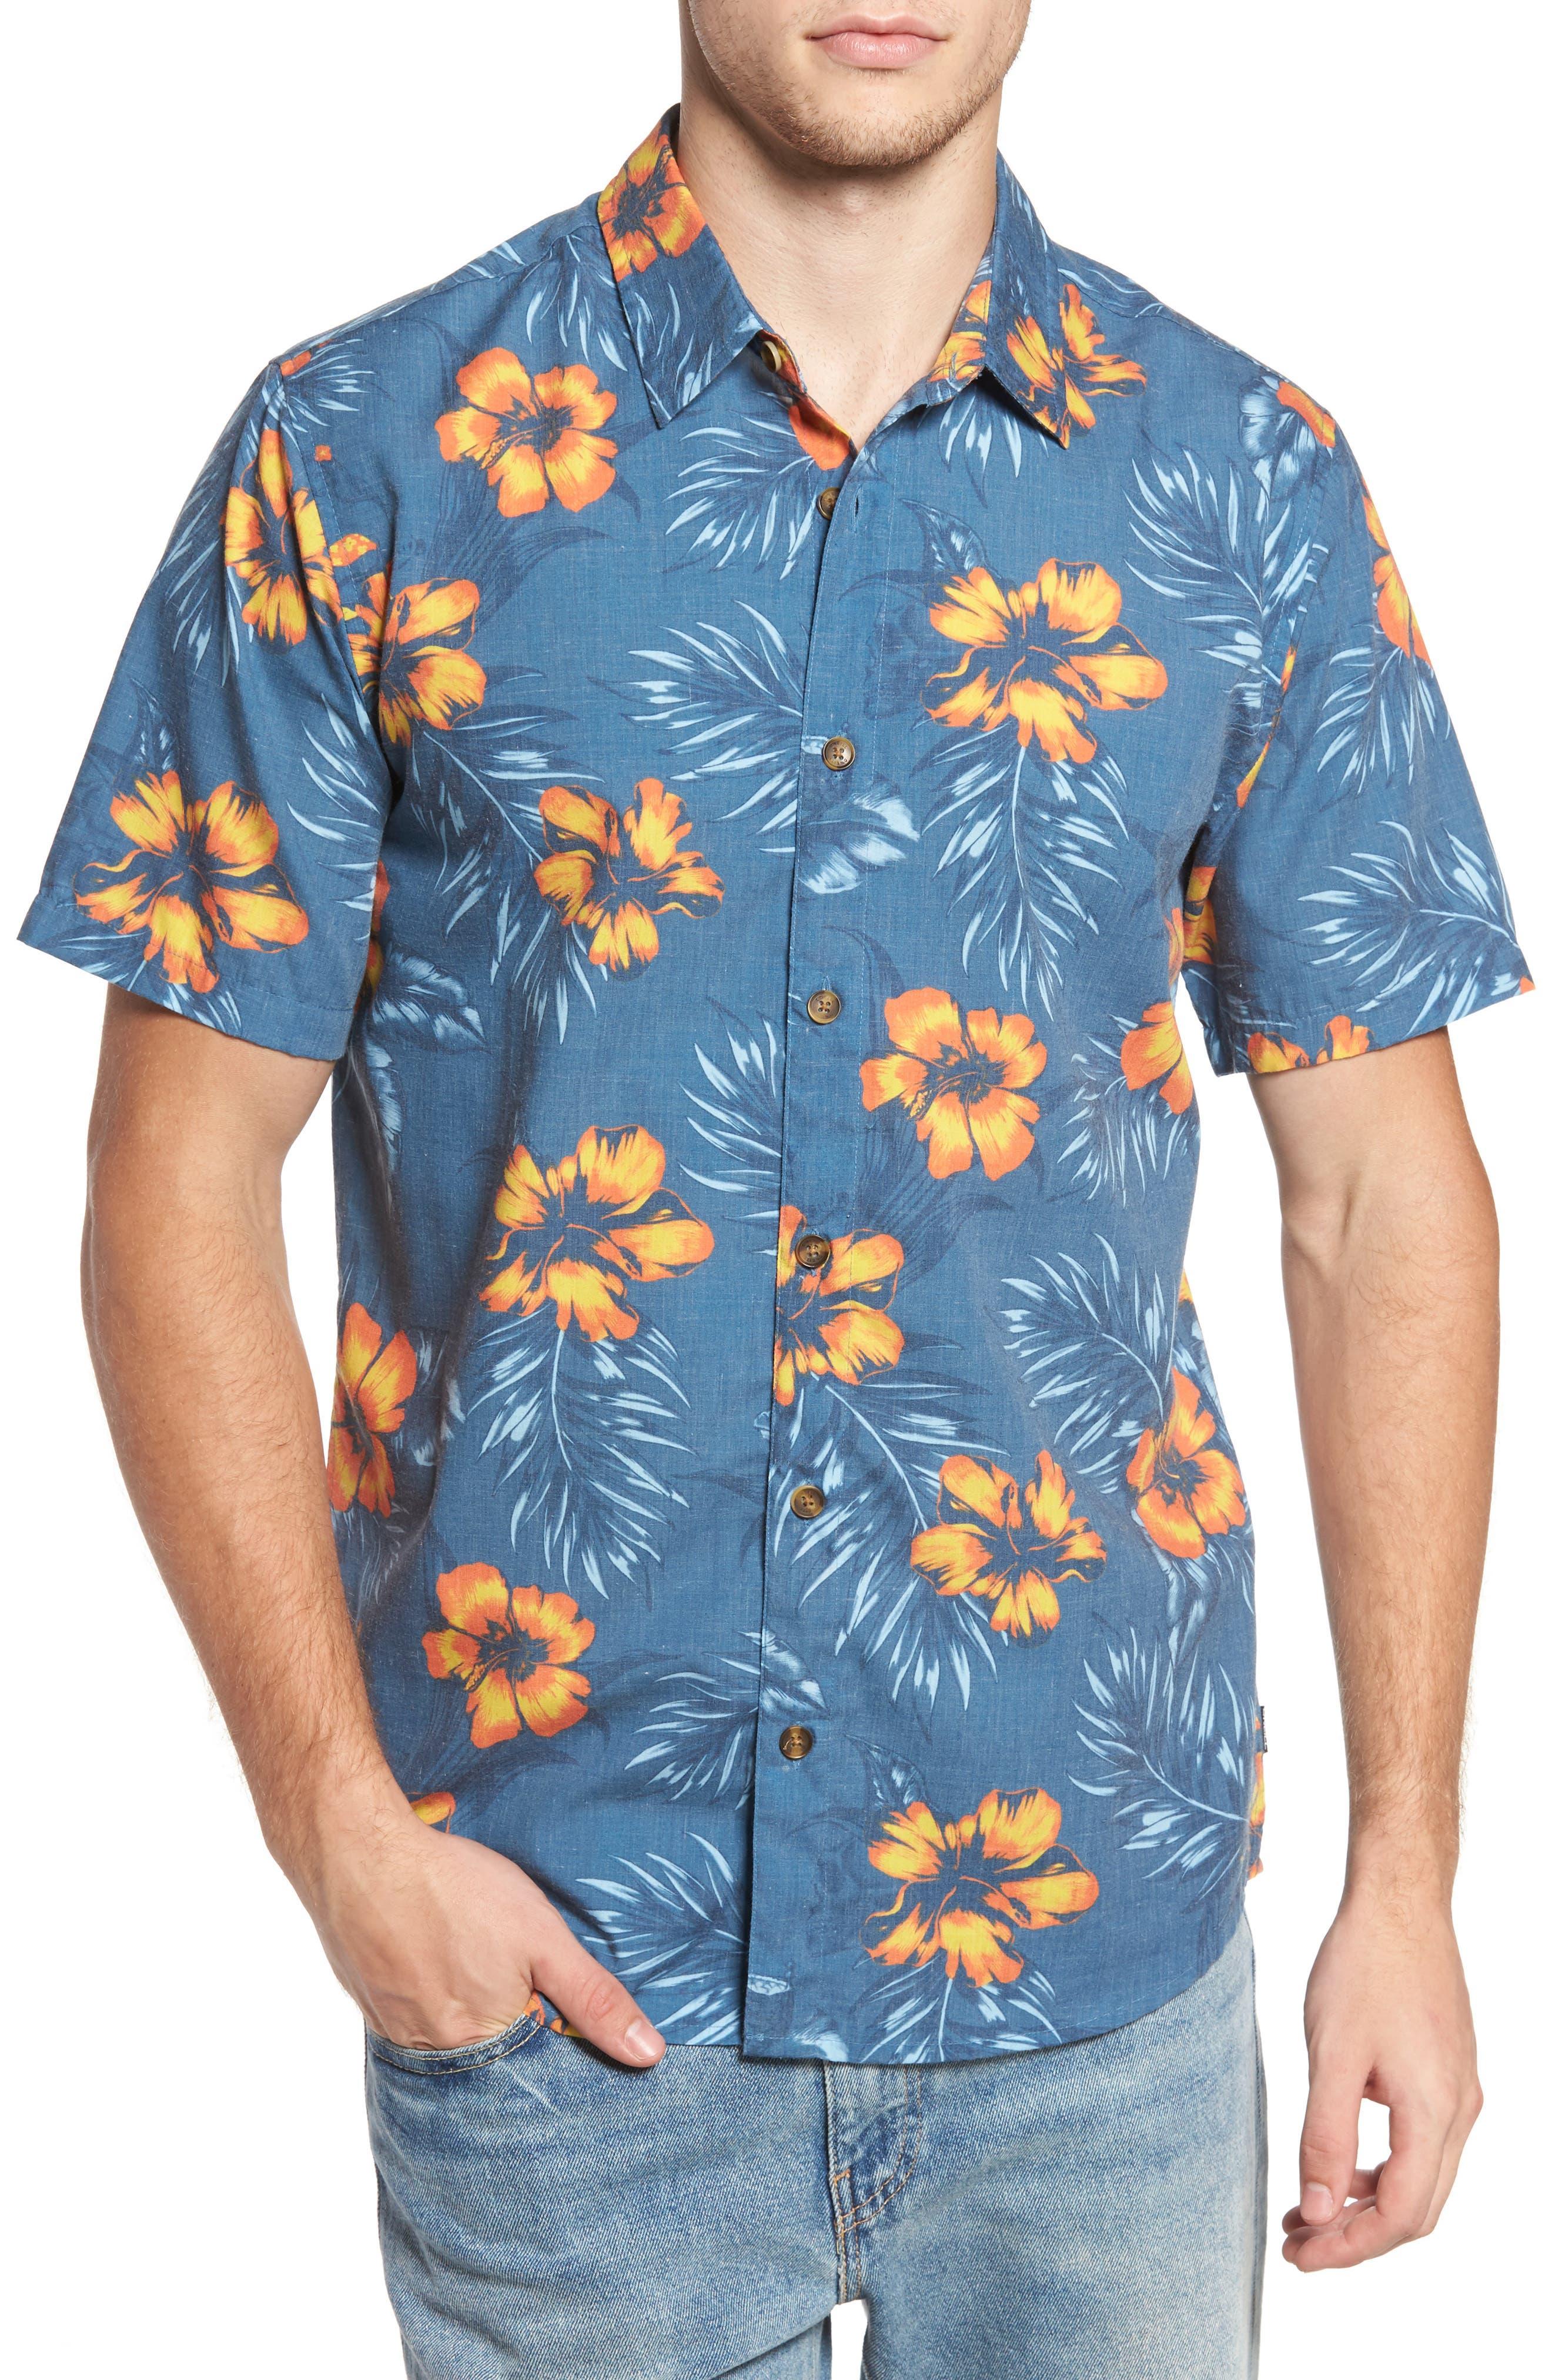 O'Neill Ala Moana Floral Sport Shirt